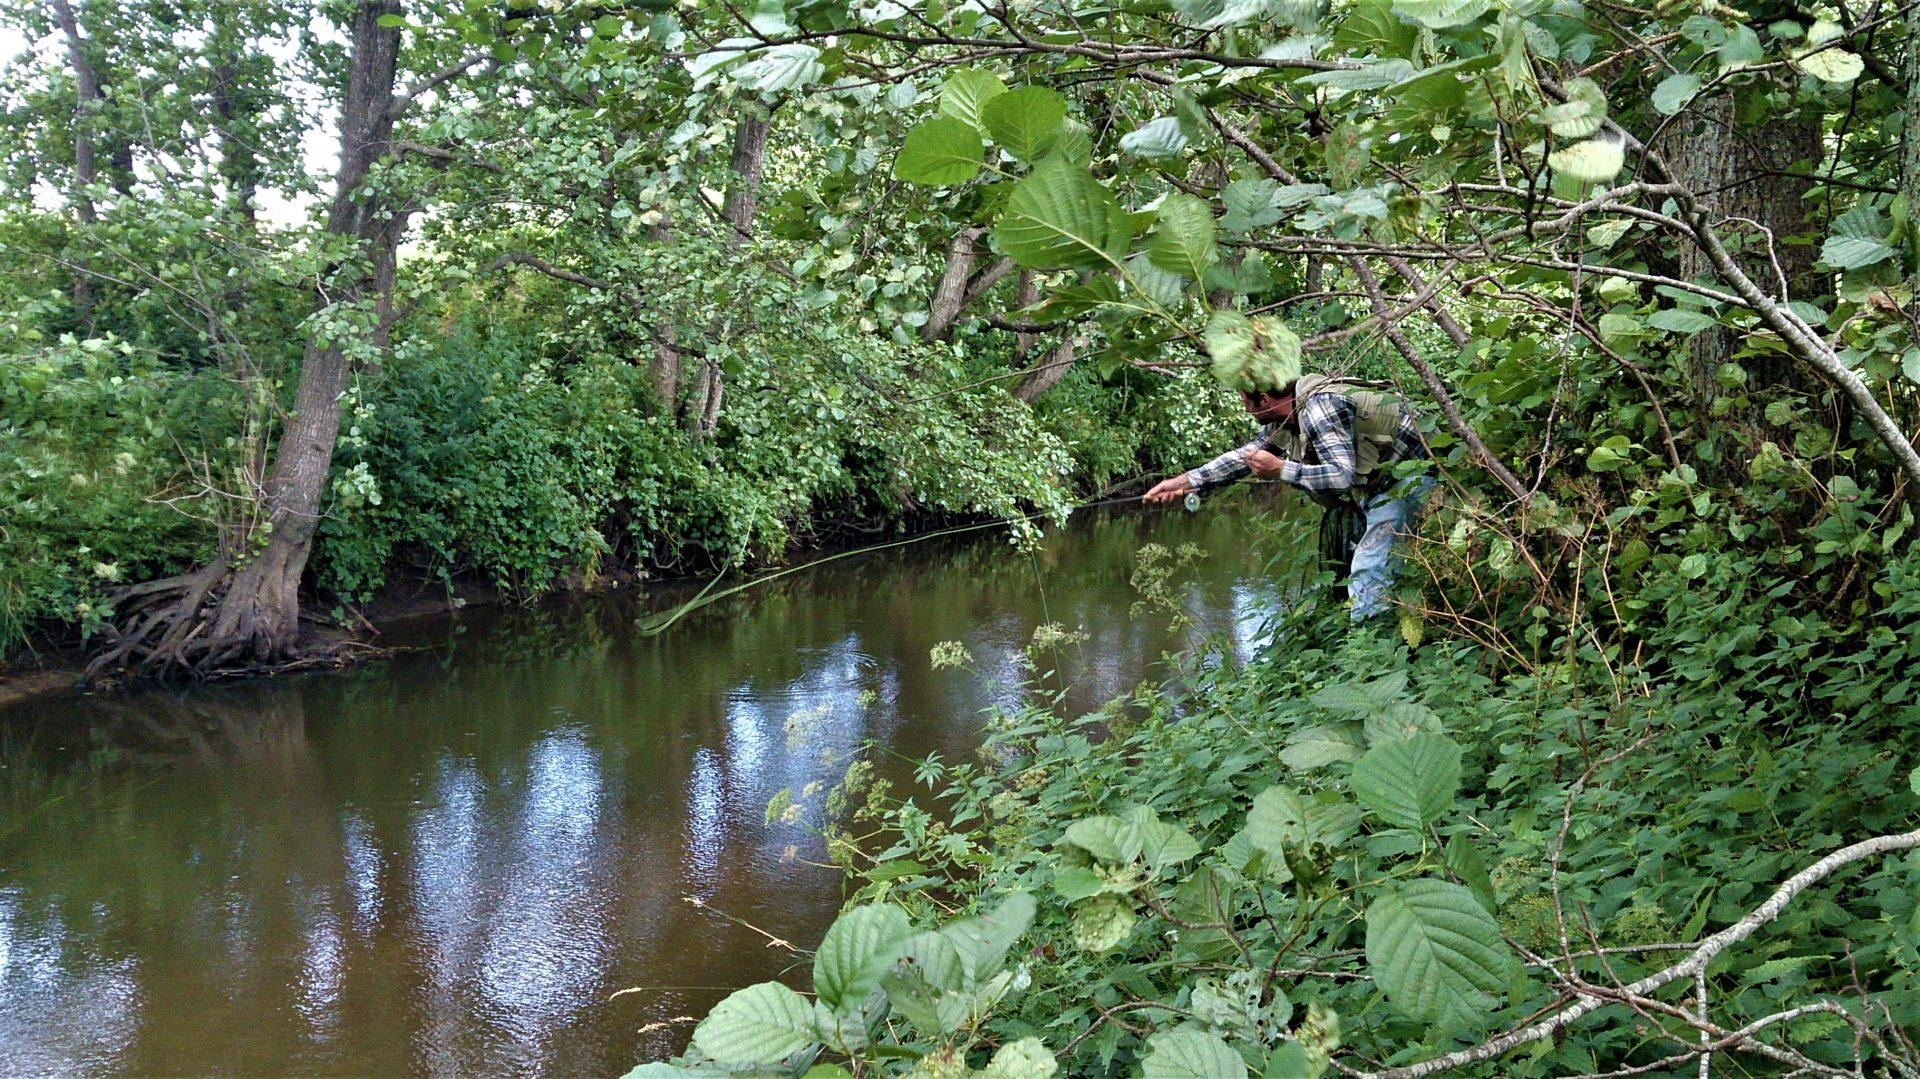 Fluefiskeri med tørflue efter bækørreder.